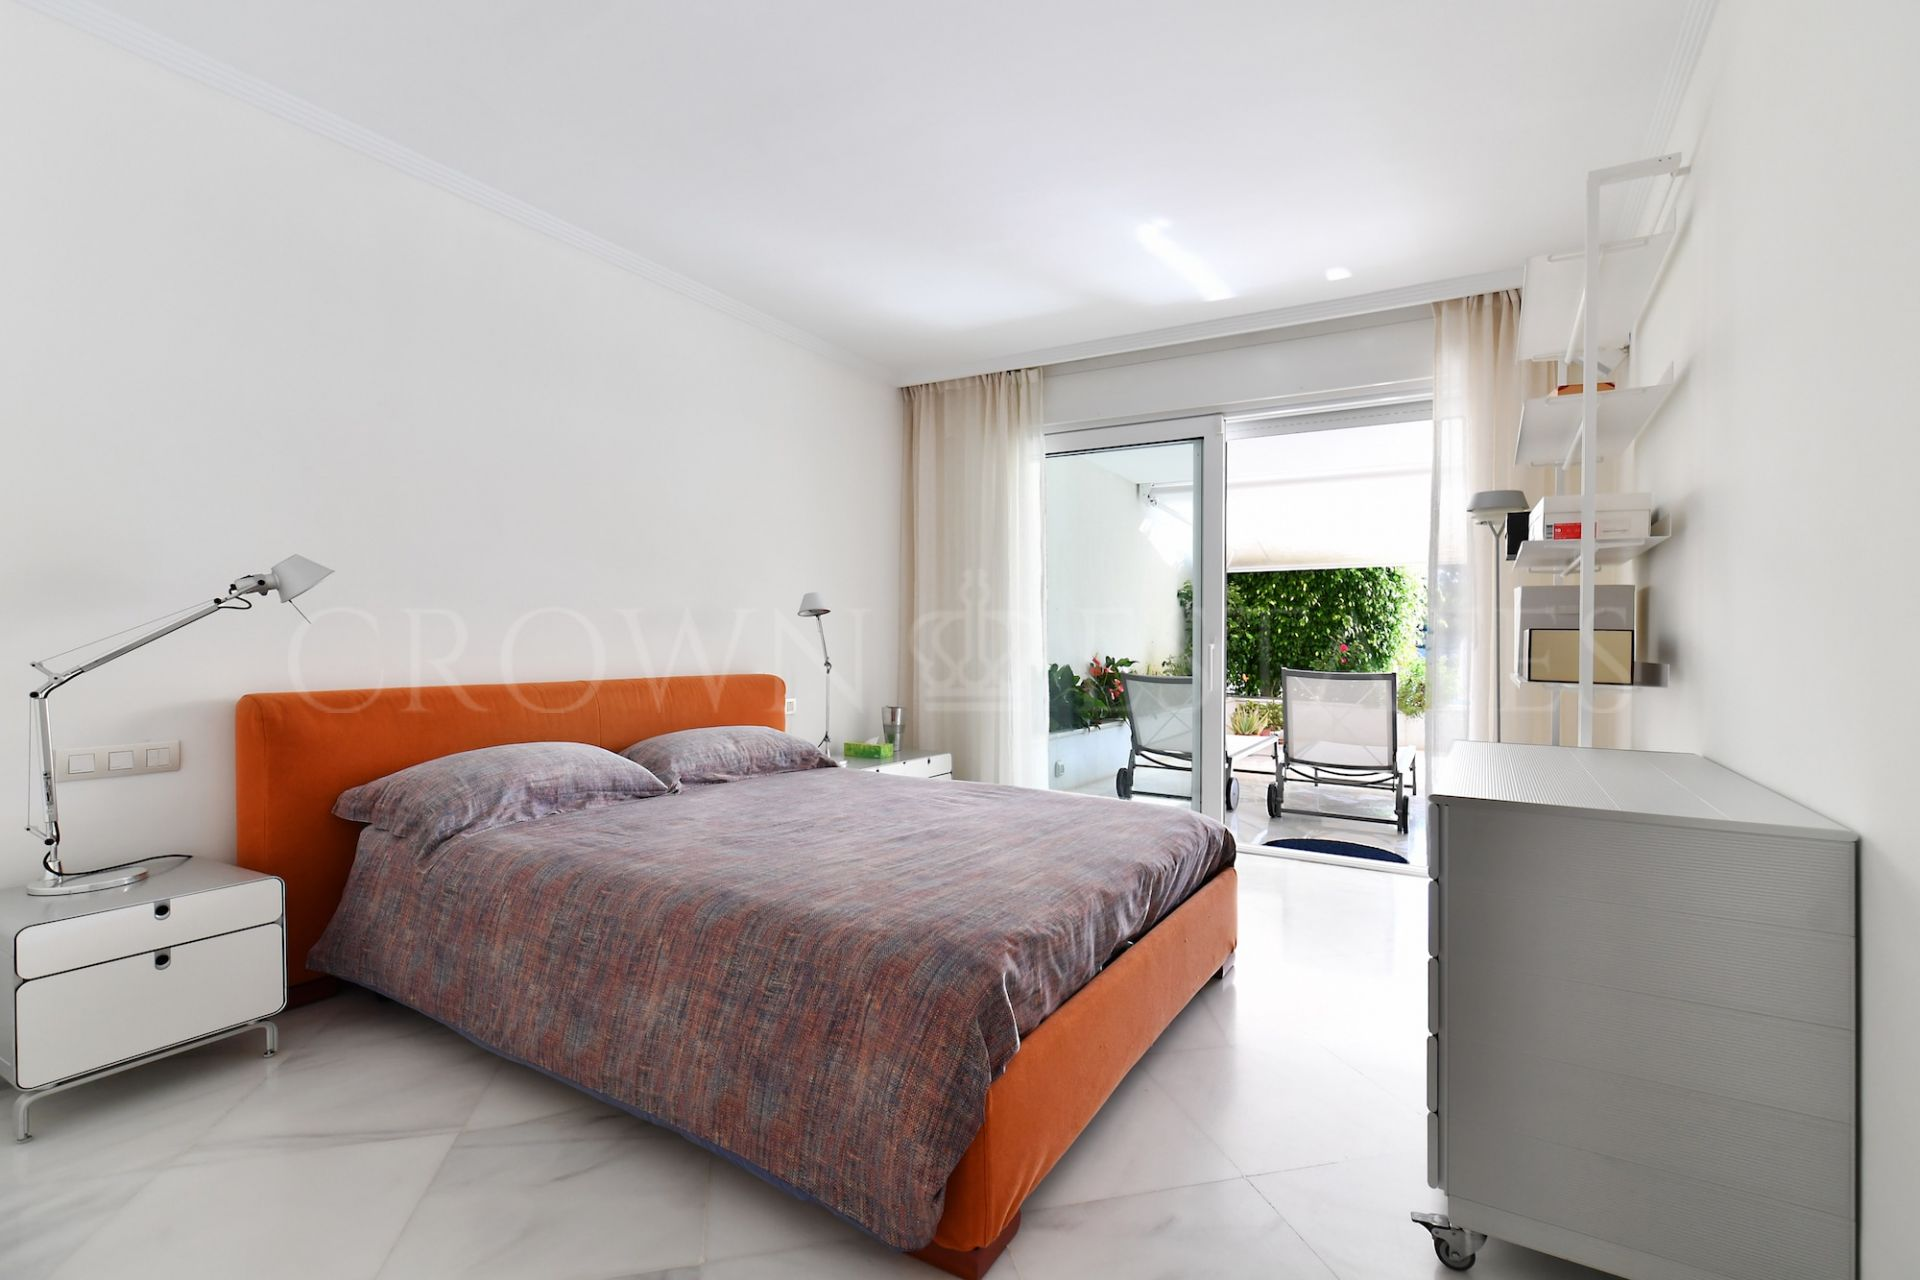 Luxury ground floor apartment in Nueva Andalucia,Marbella